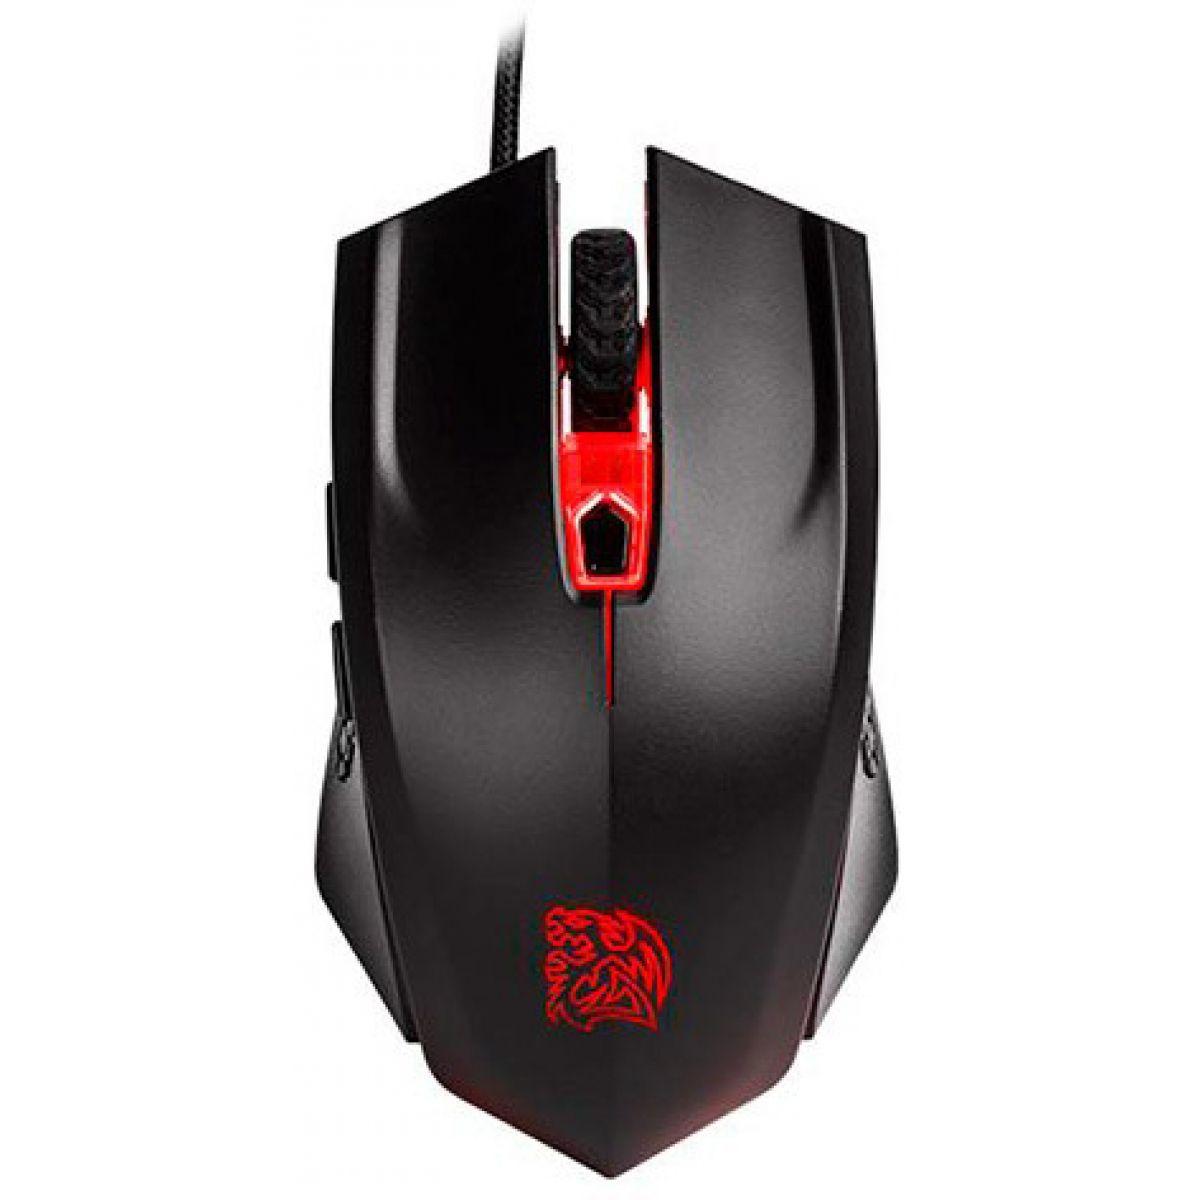 Kit Gamer Mouse + Mouse PAD Thermaltake TT ESPORTS Talon X RGB 3200 DPI MO-CPC-WDOOBK-01